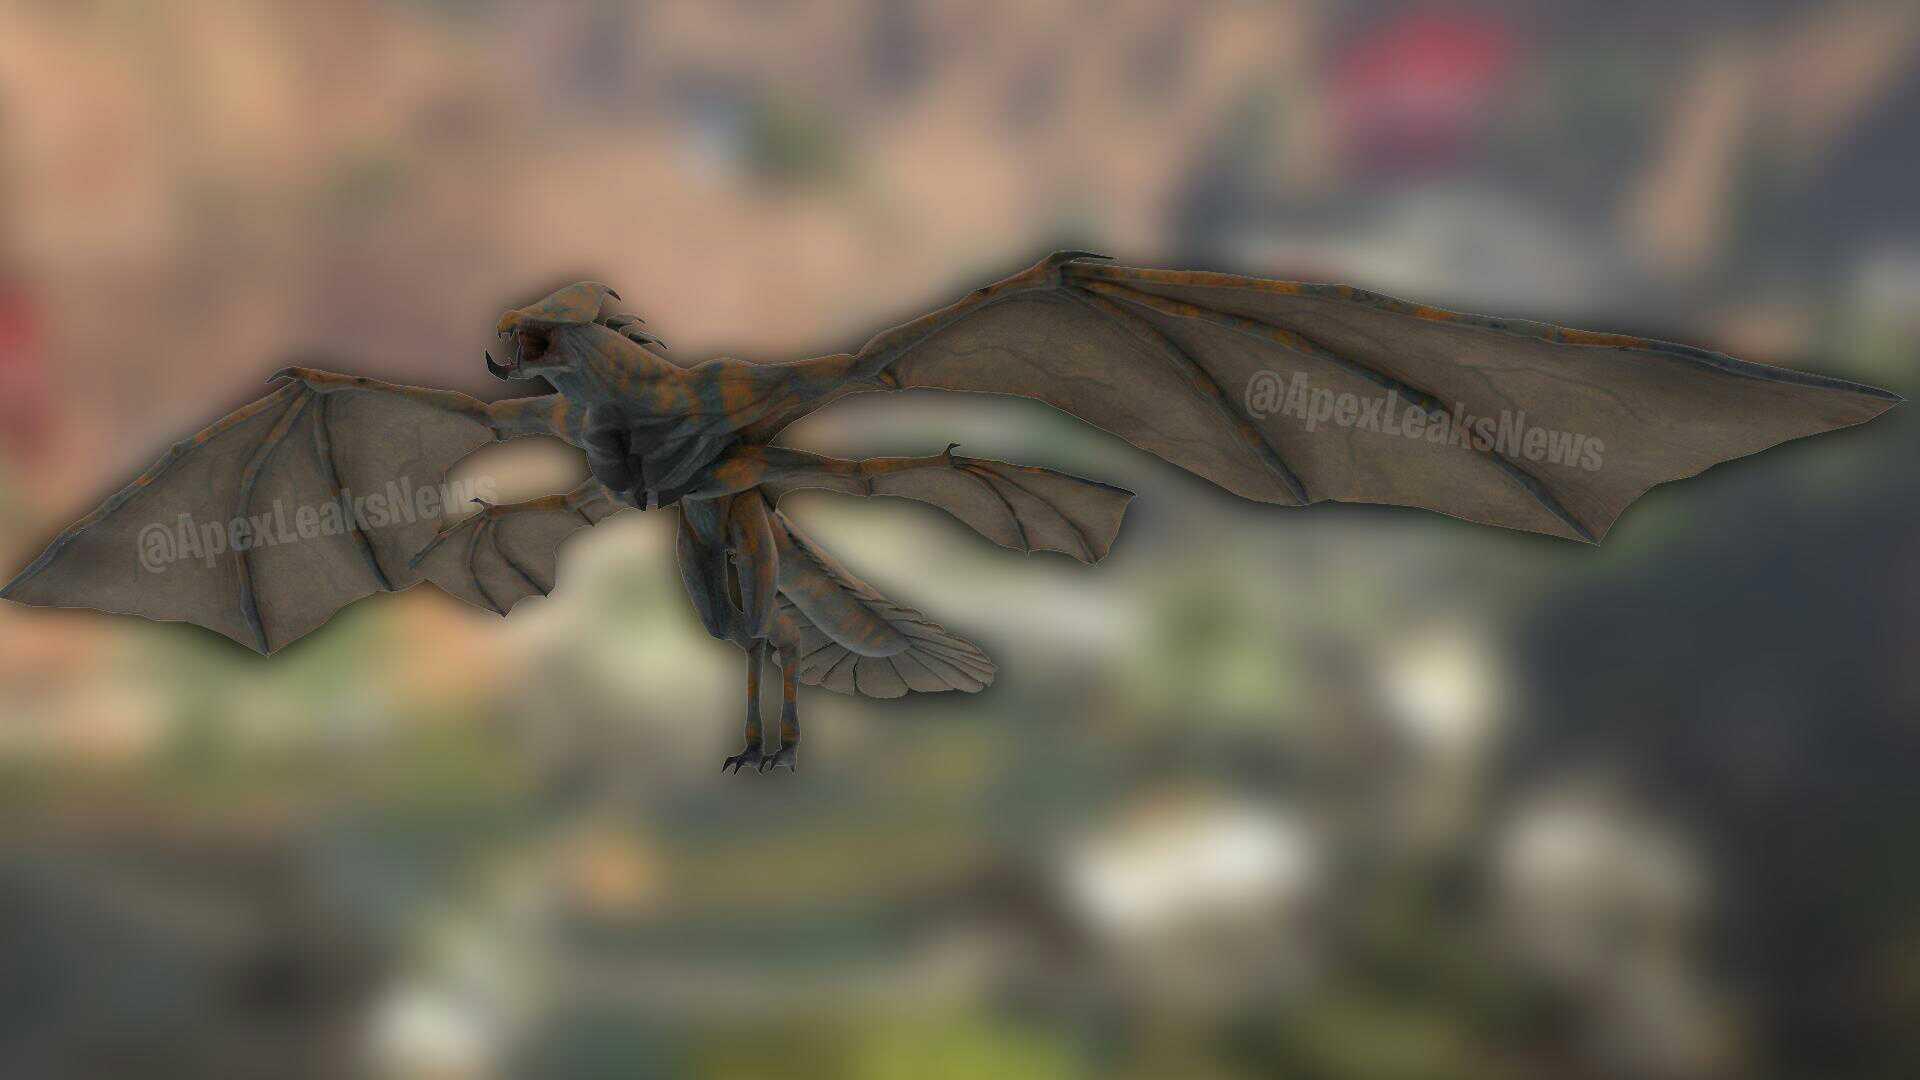 【リーク情報】新アタッチメントやドラゴンのPingボイス、エナジーアモのマガジンなどがゲームコードに追加!